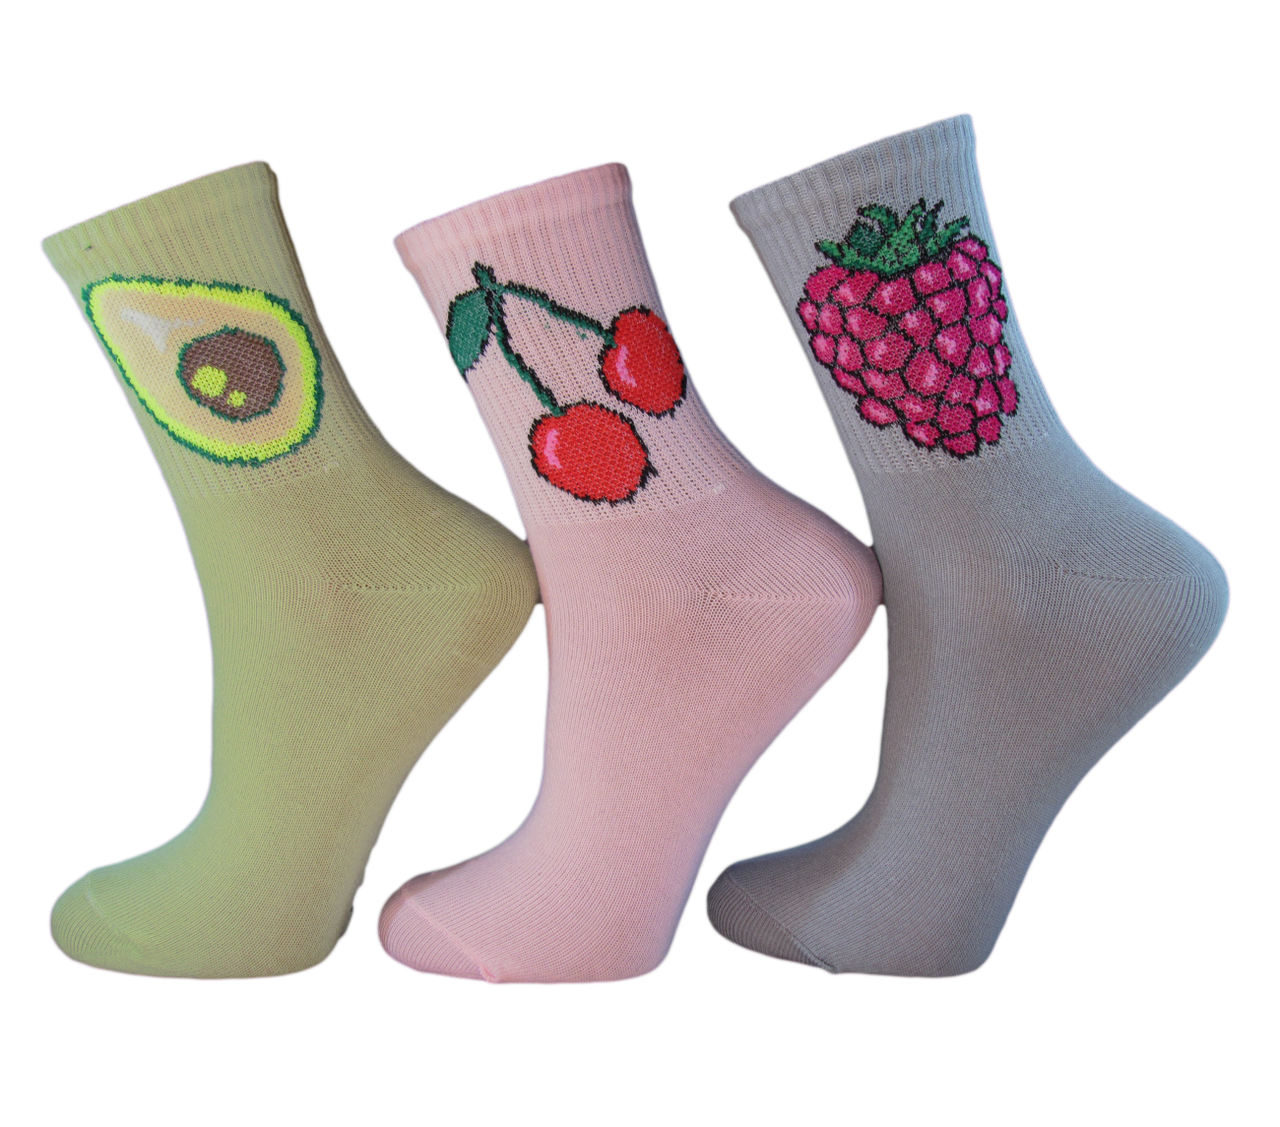 Шкарпетки дитячі Олмі 4411 004 асорті